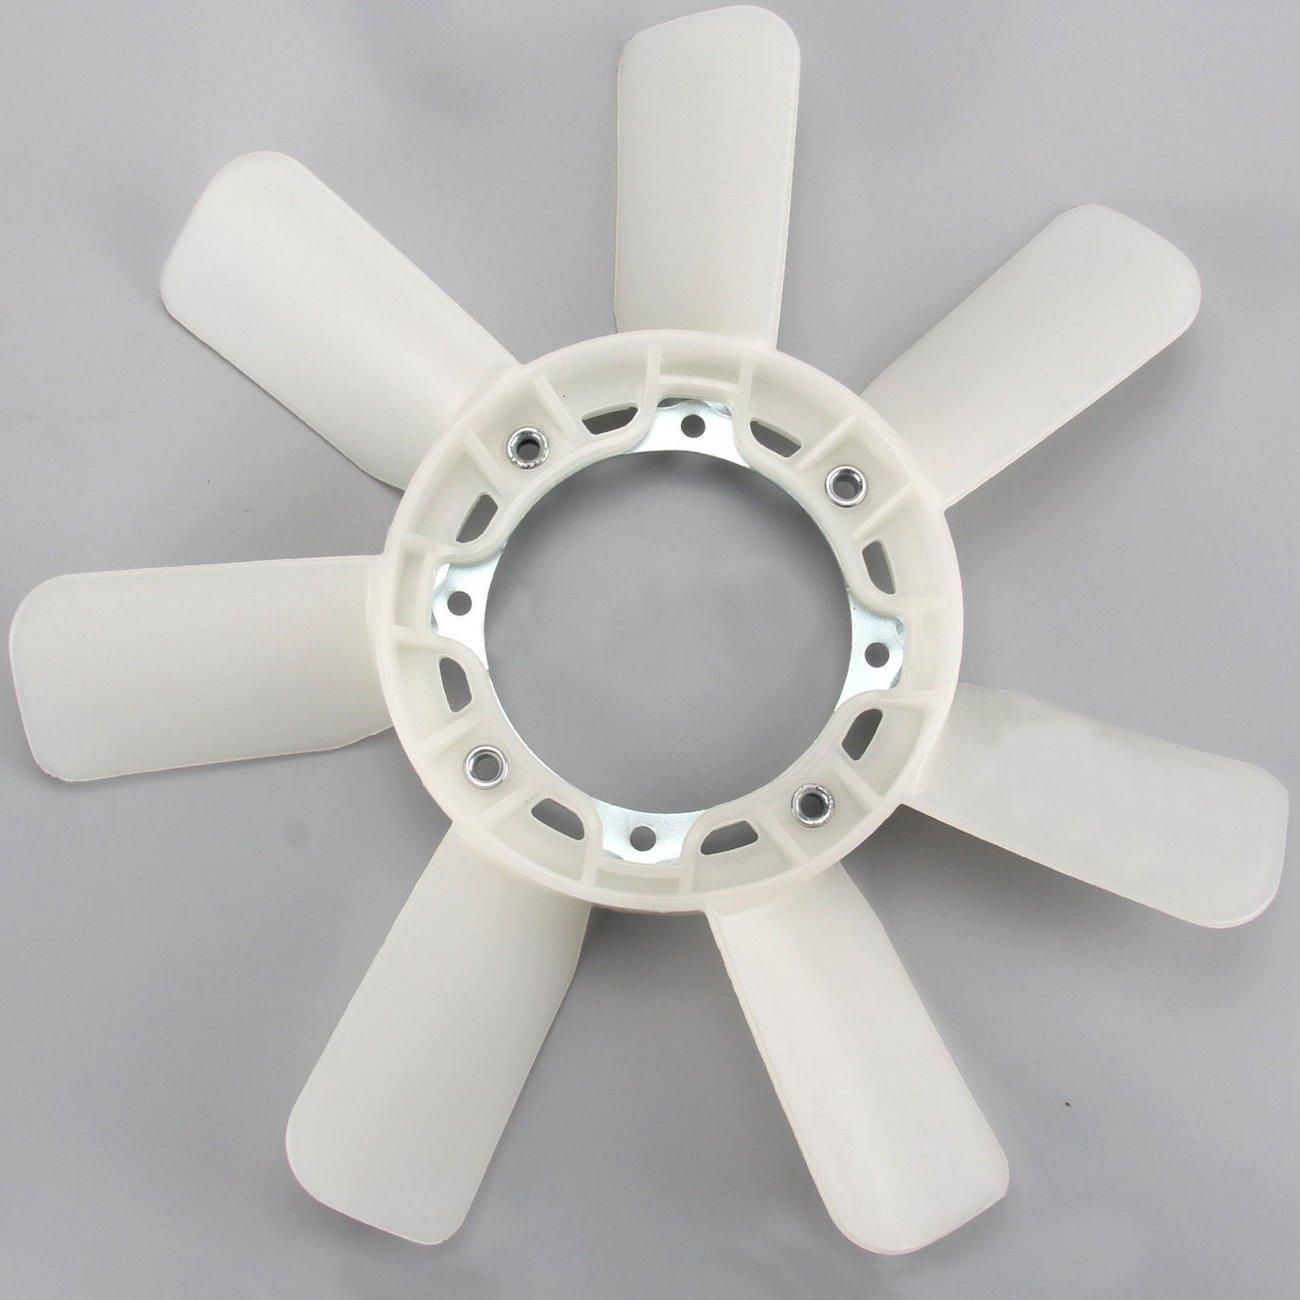 TOPAZ 16361-38010 Radiator Cooling Fan Blade for Toyota Pickup 4Runner Van Celica Corona